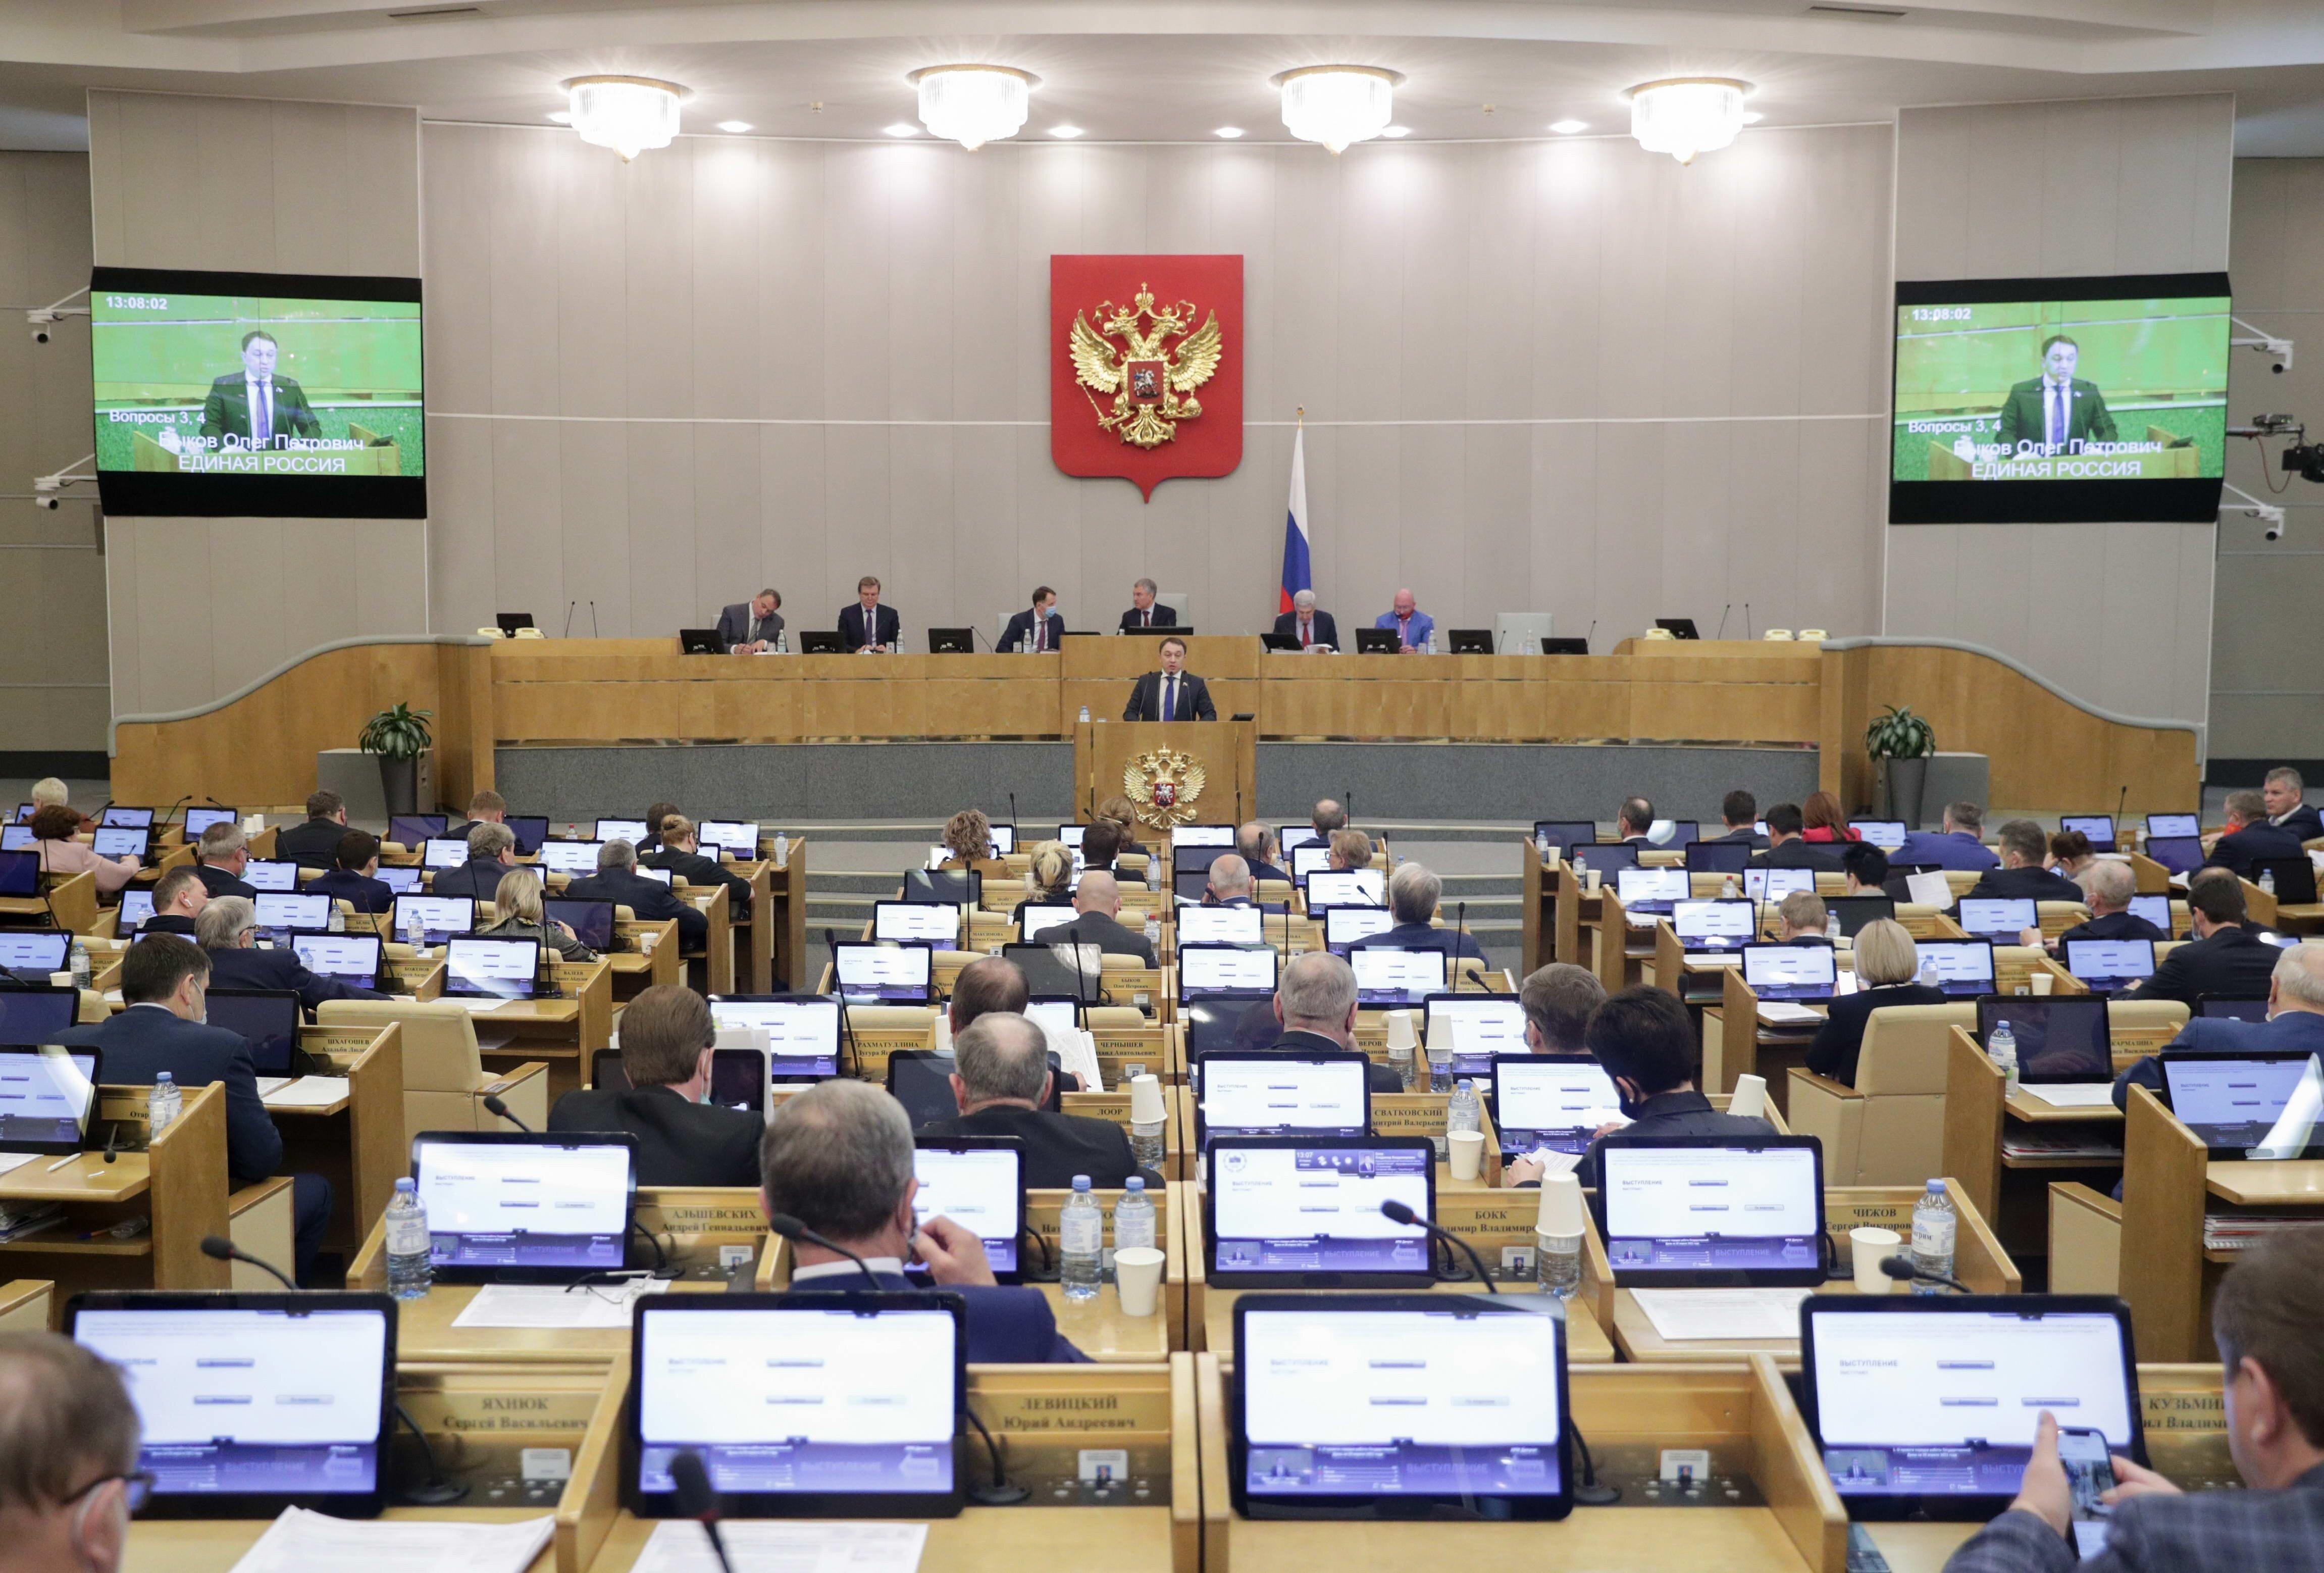 В Госдуму внесли законопроект о запрете причастным к экстремизму избираться депутатами